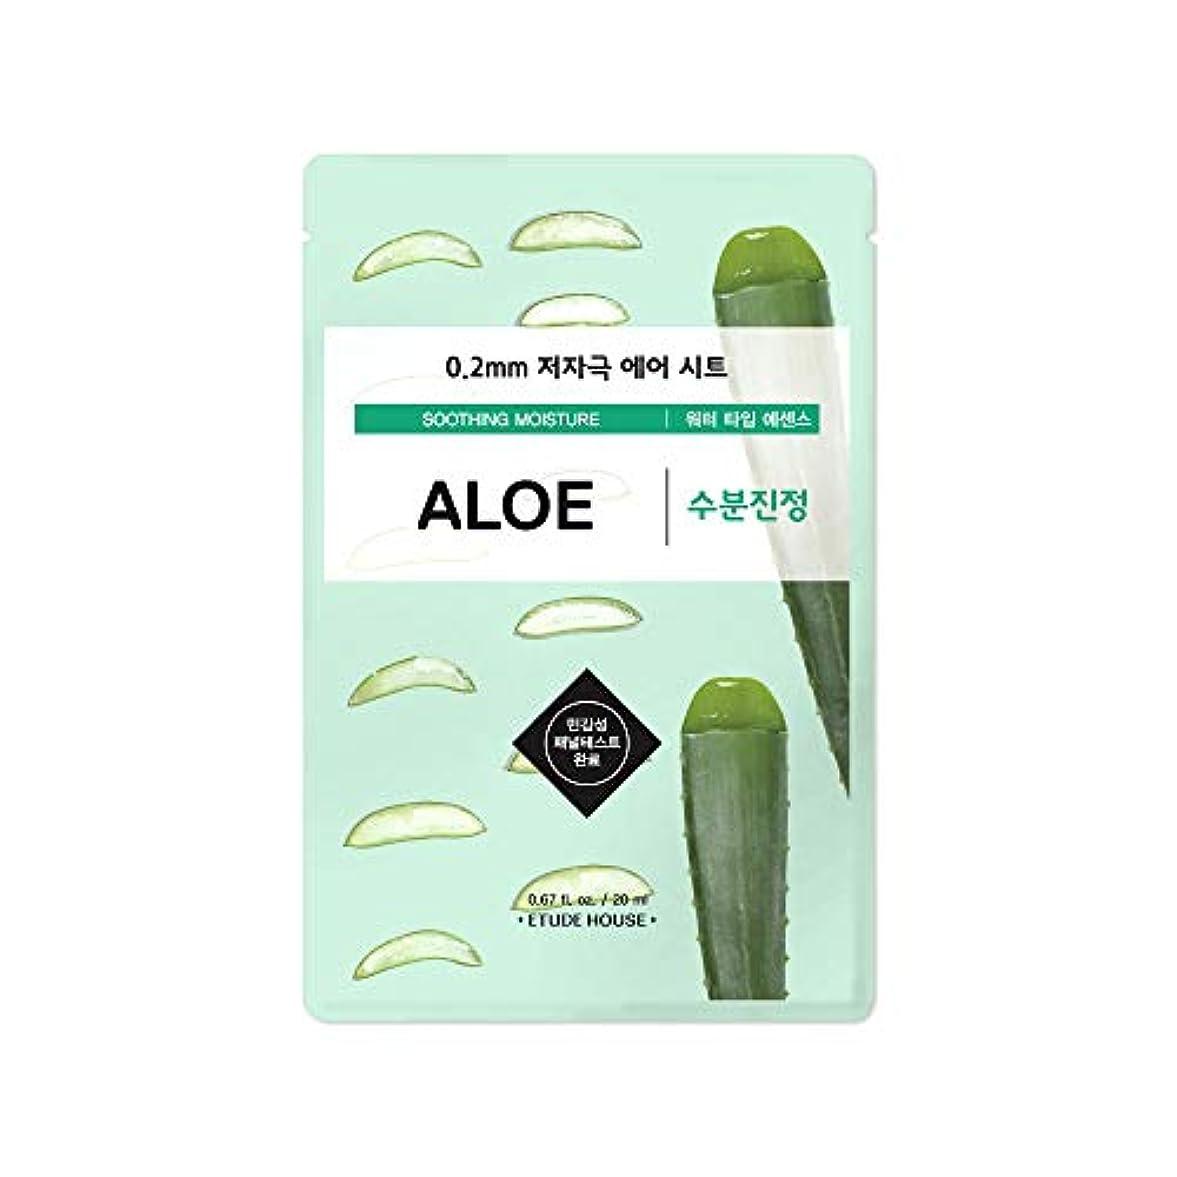 肉腫抵抗力がある不名誉なETUDE HOUSE 0.2 Therapy Air Mask 20ml×10ea (#01 Aloe)/エチュードハウス 0.2 セラピー エア マスク 20ml×10枚 (#01 Aloe)